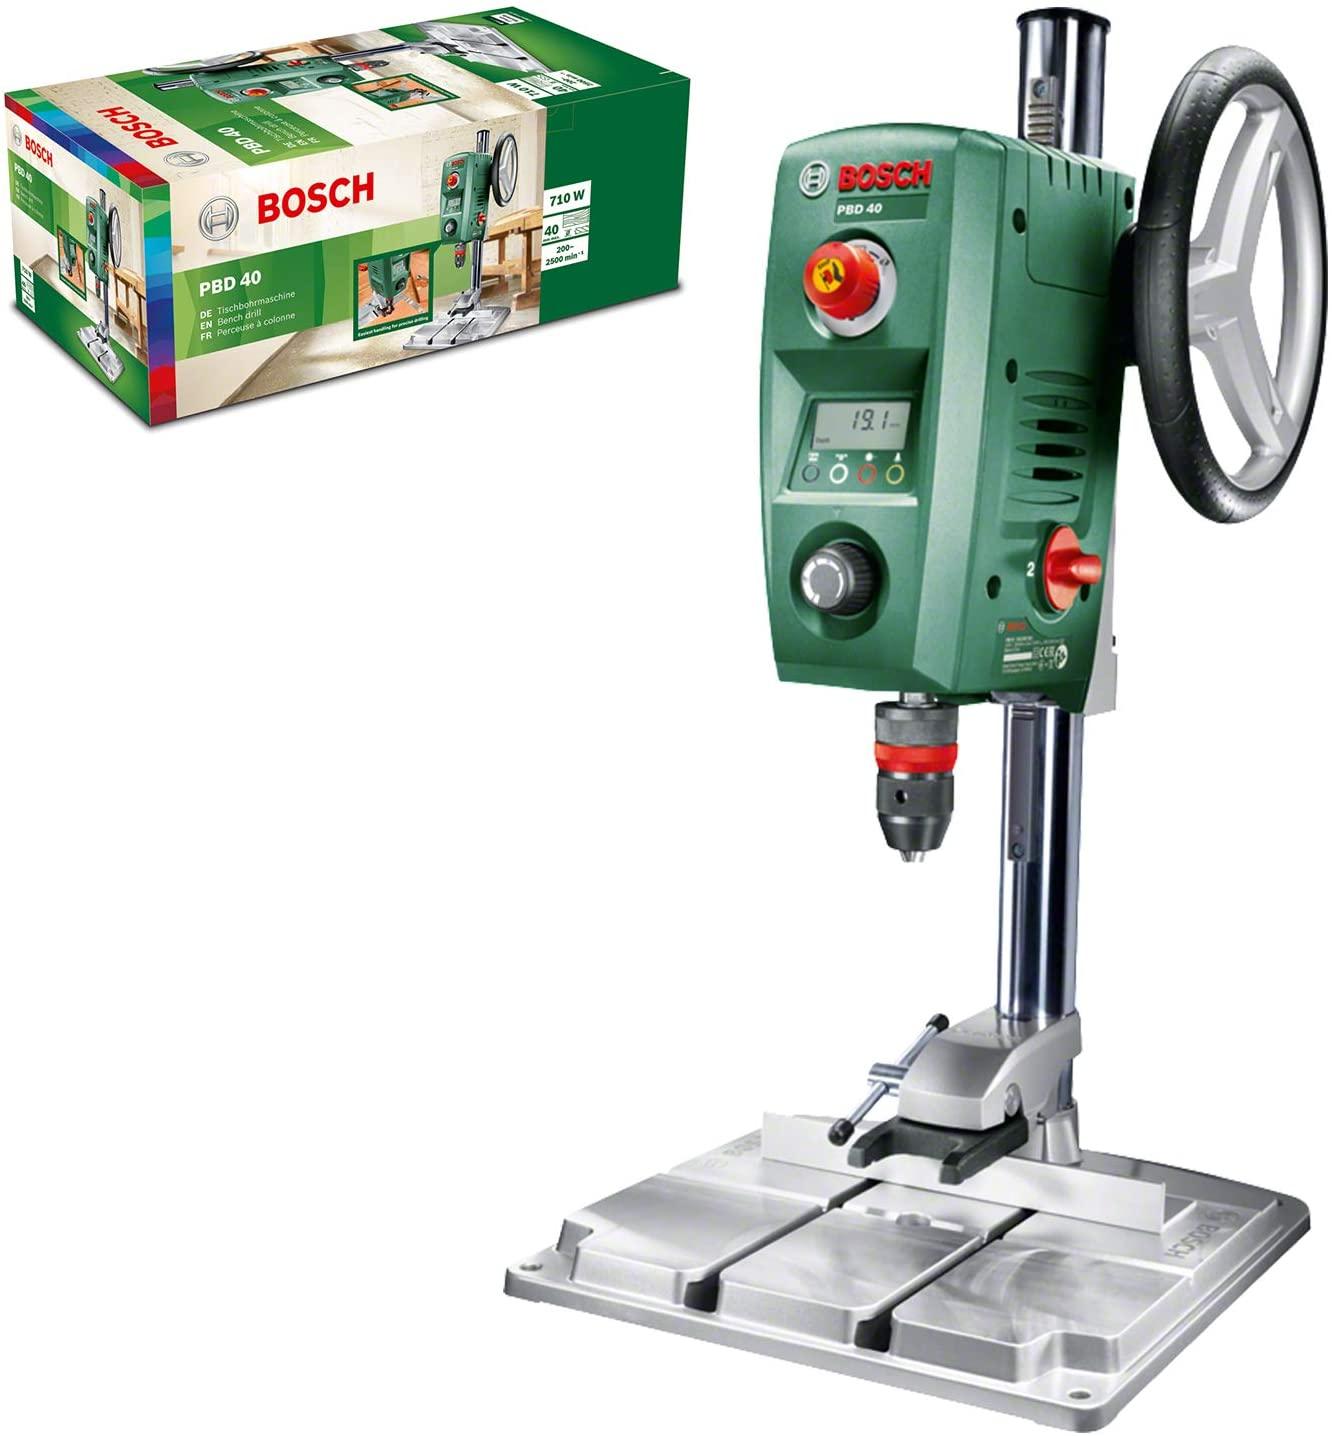 Perceuse à colonne Bosch PBD40 - 710W, avec butée parallèle & pince à serrage rapide (Via coupon)